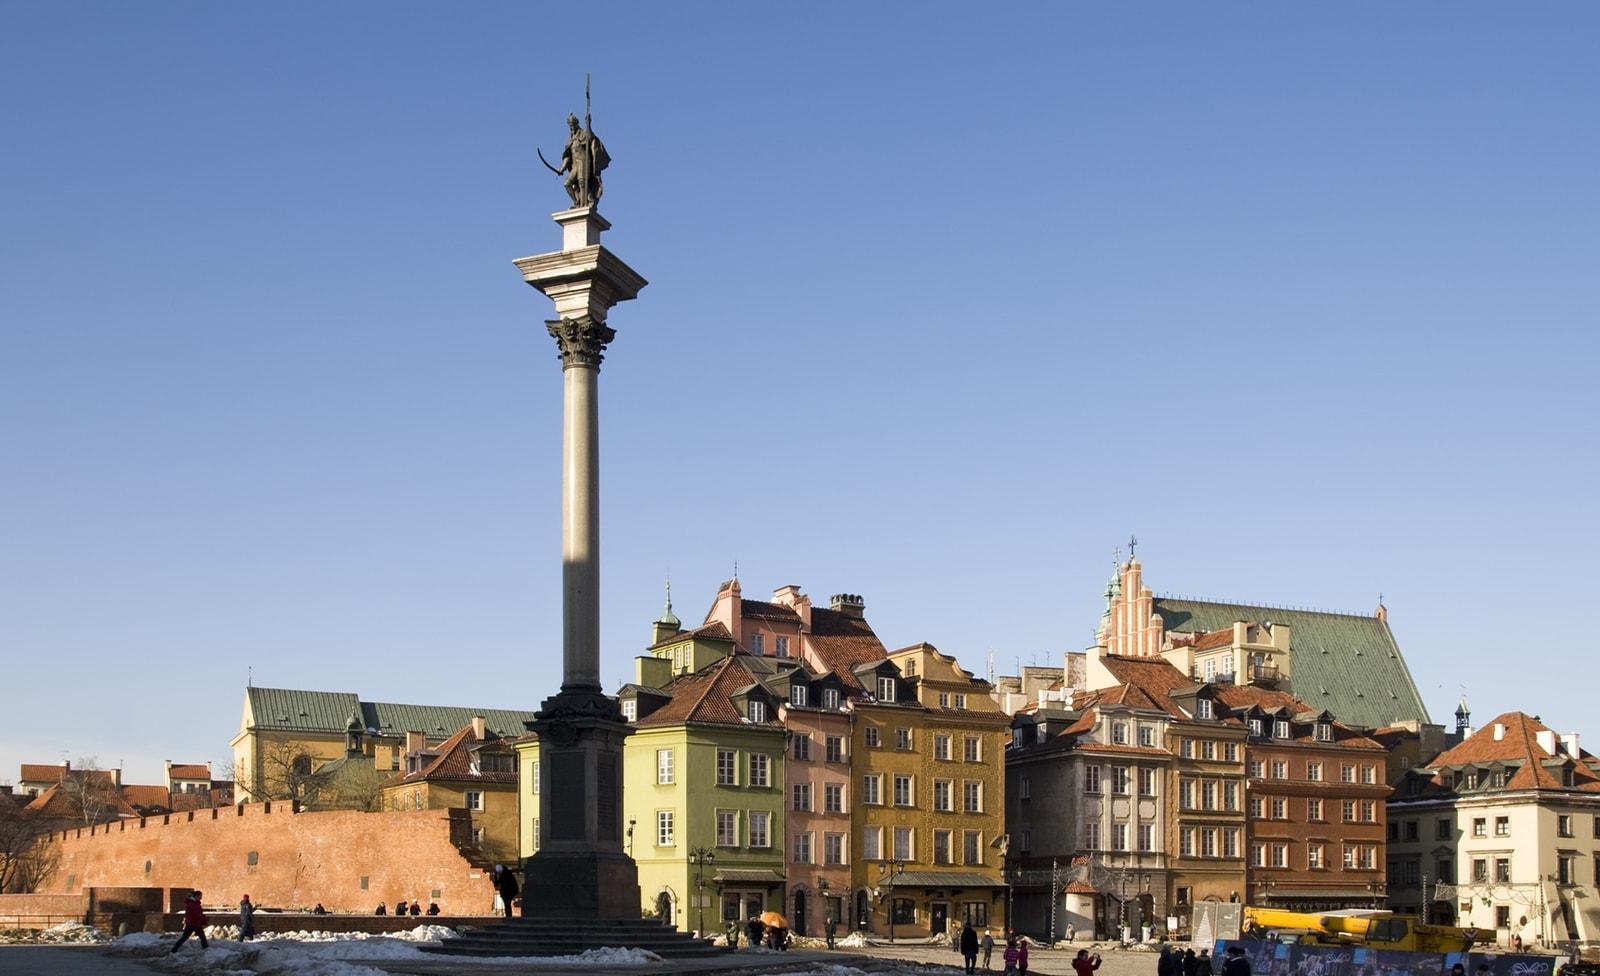 Sigismundsäule in Warschau